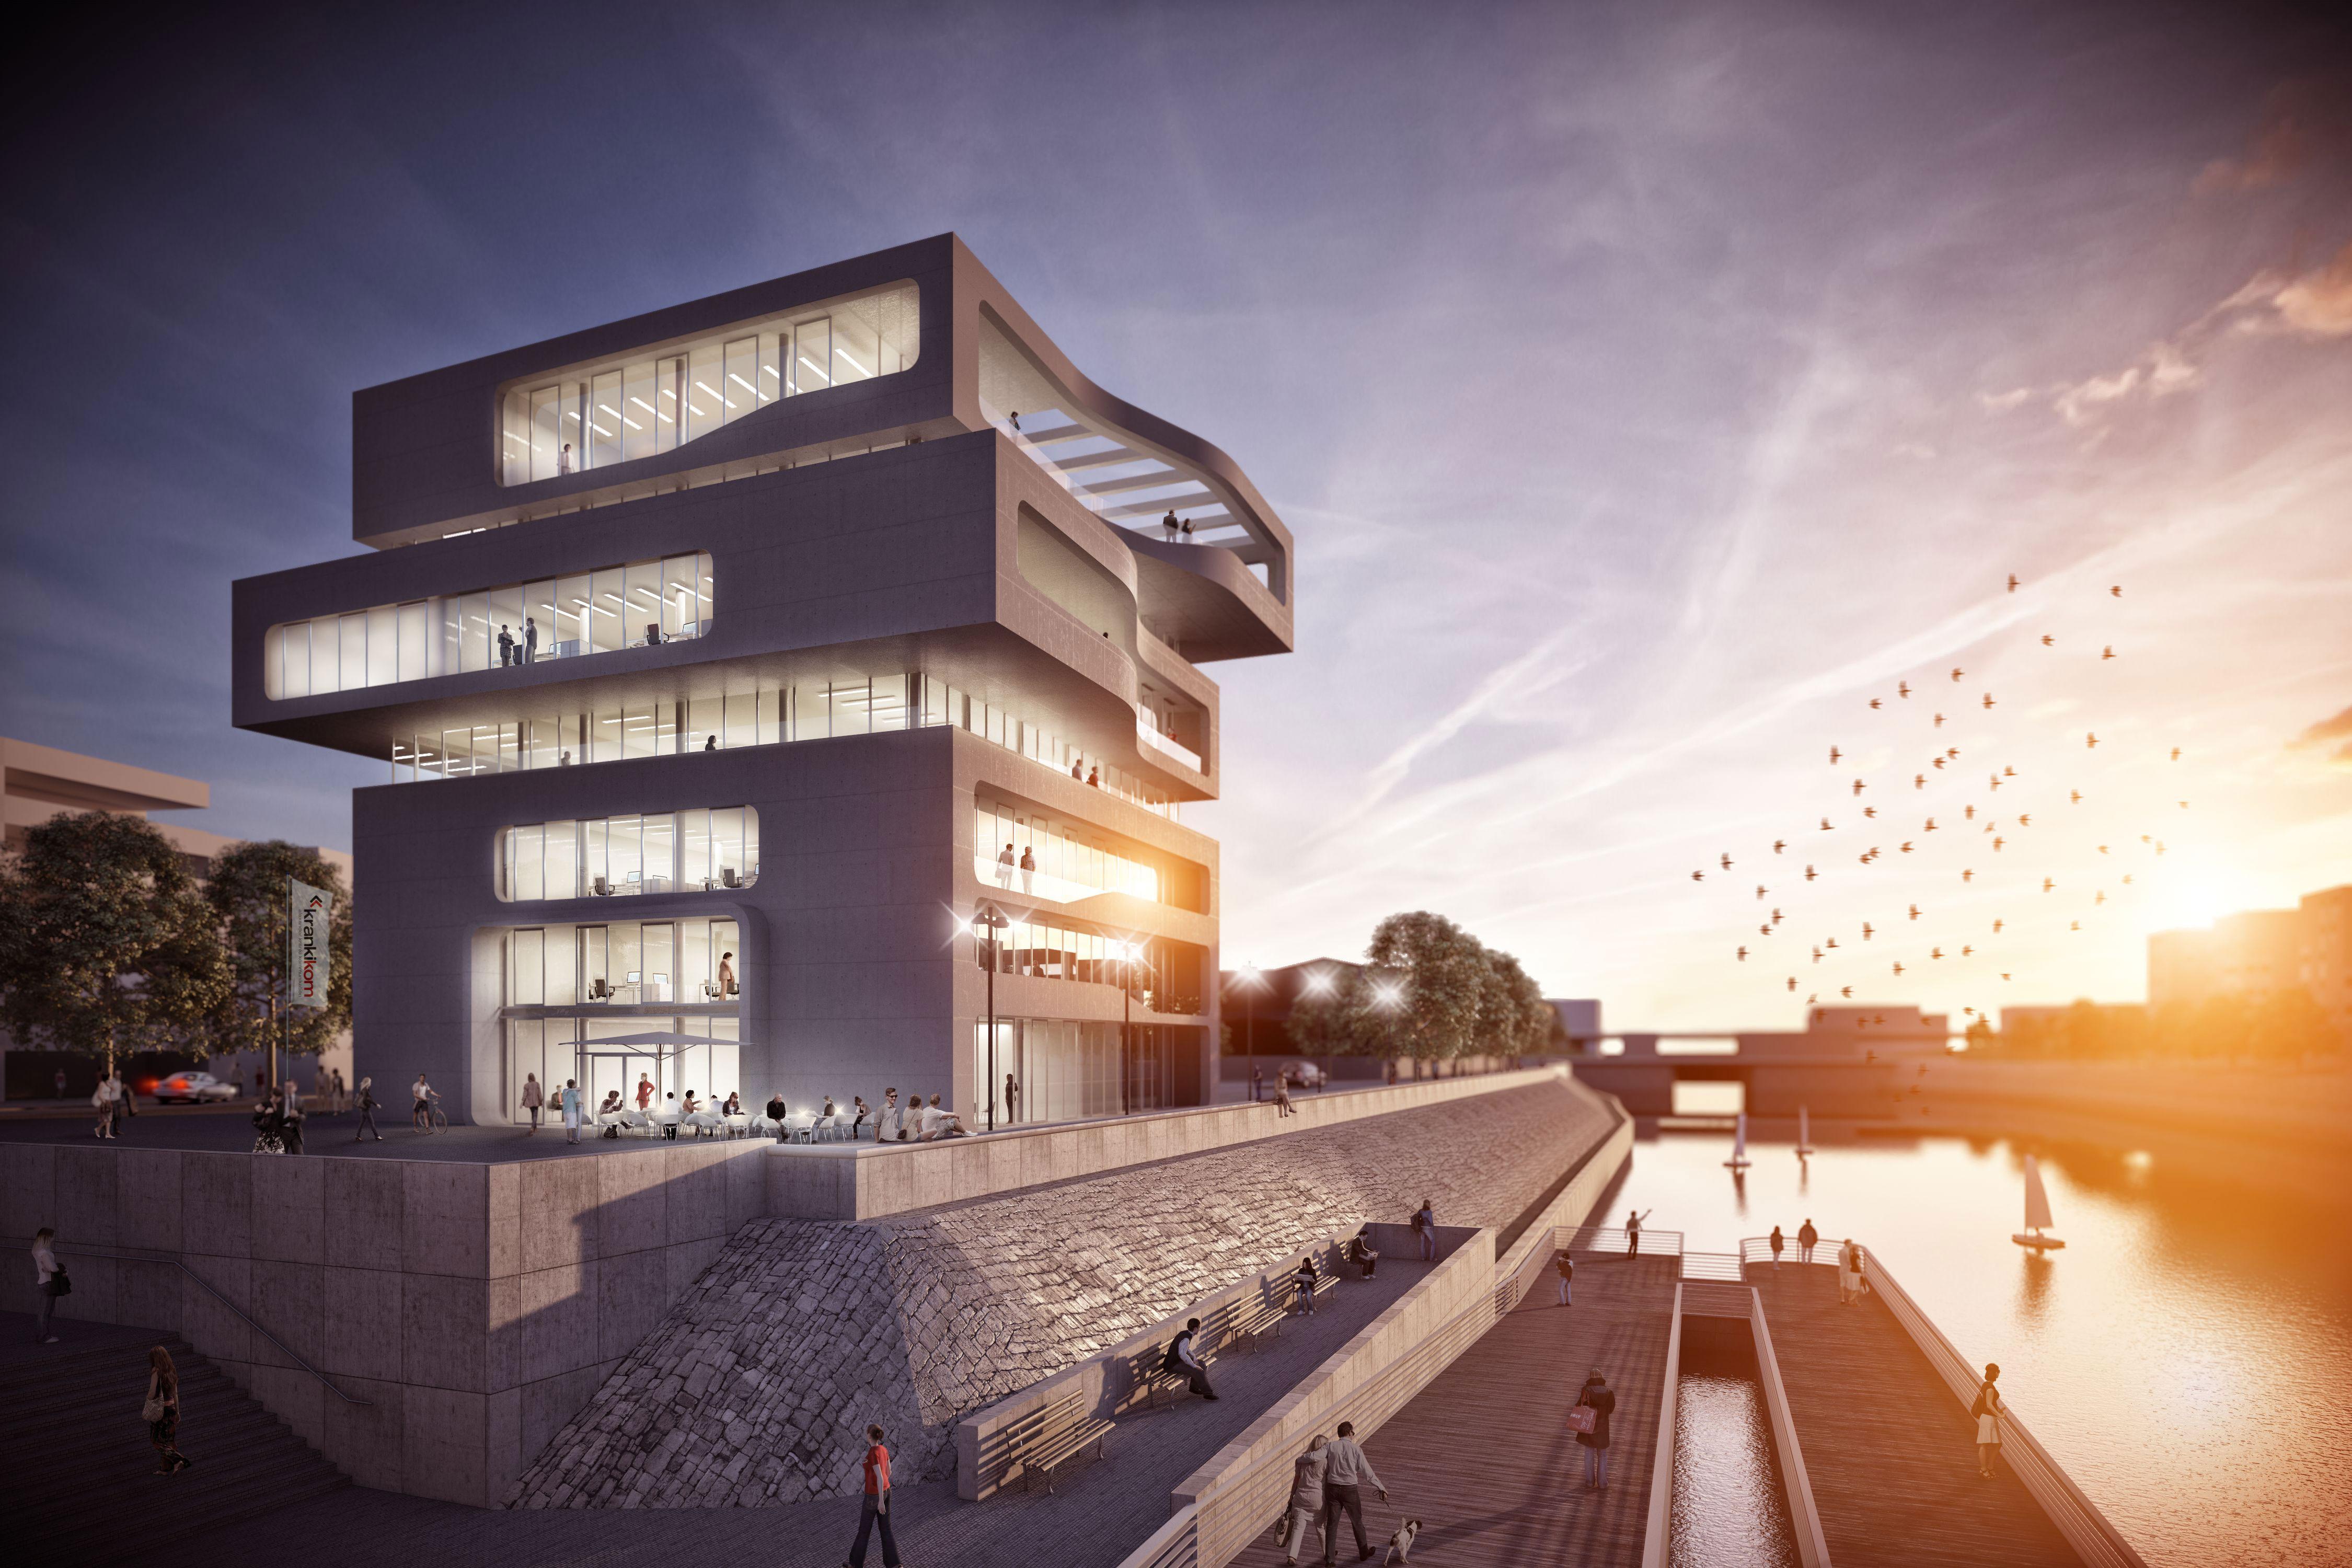 Architekt Duisburg duisburg innenhafen duisburg d ajf architekten